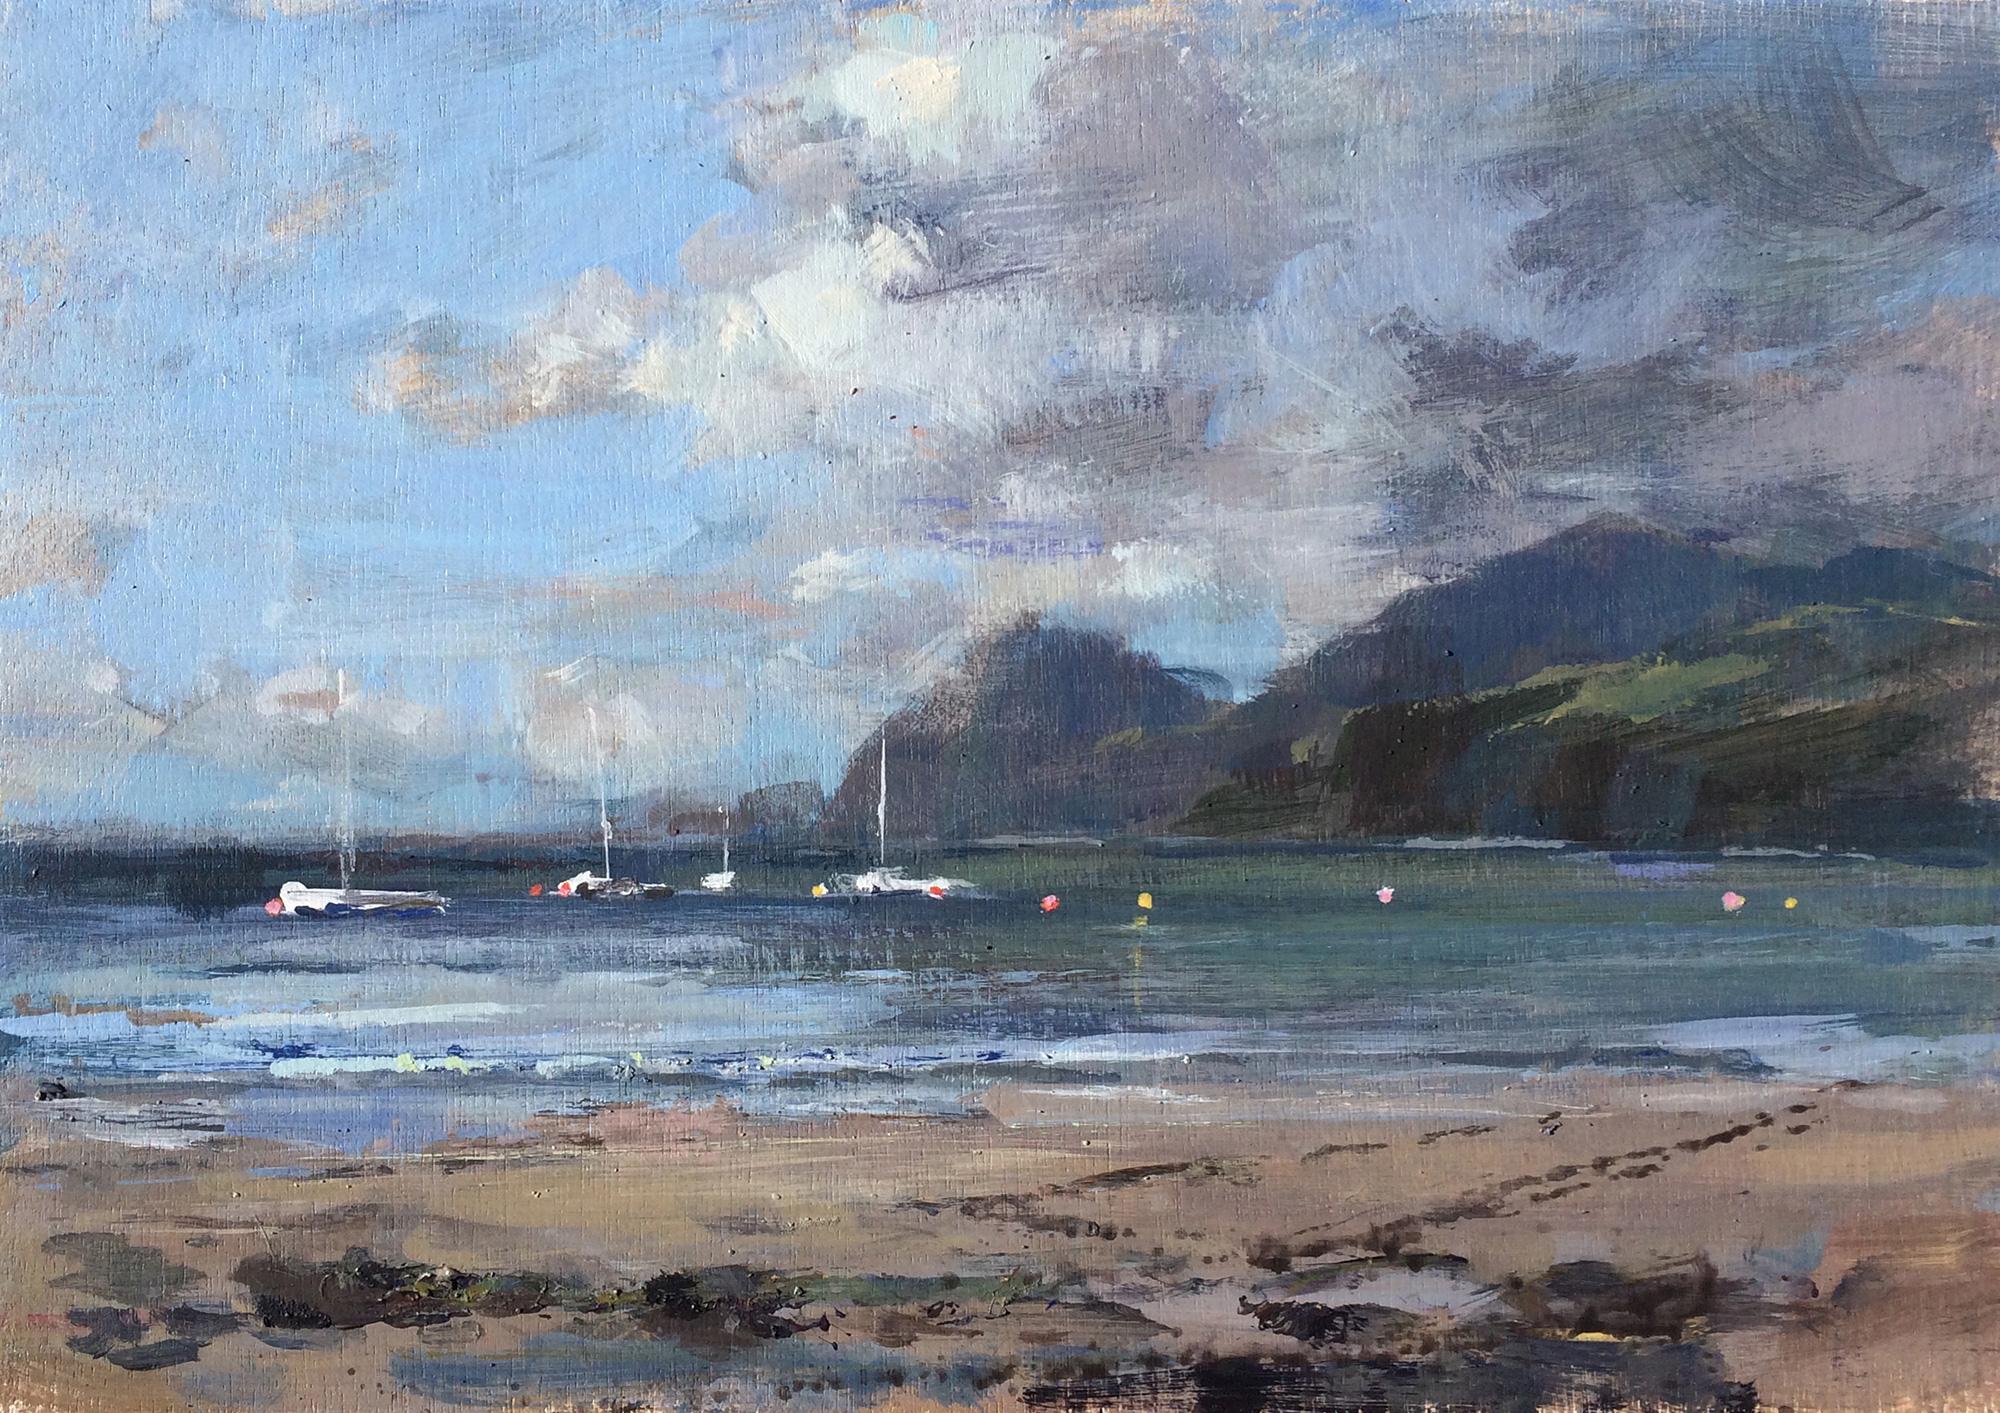 Tony Hinchliffe,  Beach and Boats, Nefyn